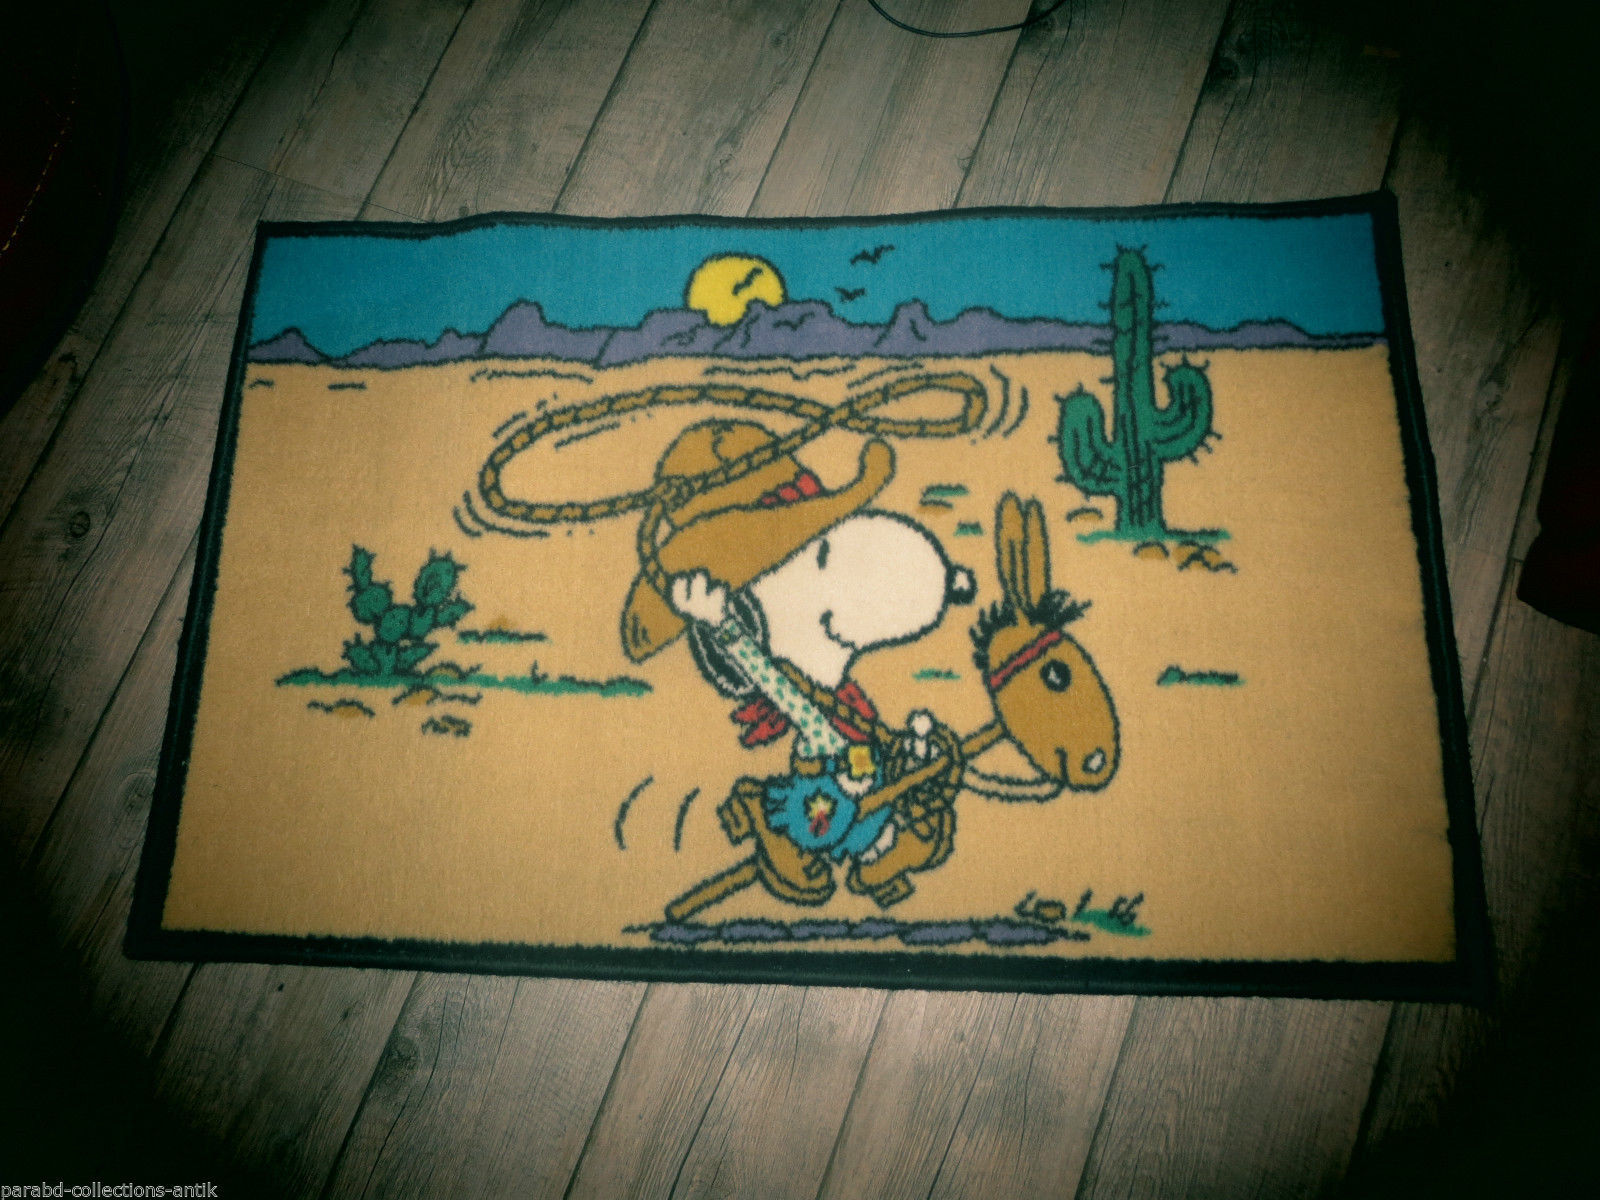 Snoopy-Rare Teppich von Jahre 60-Bel Zustand & Farben intaktes-Etikett aufweist